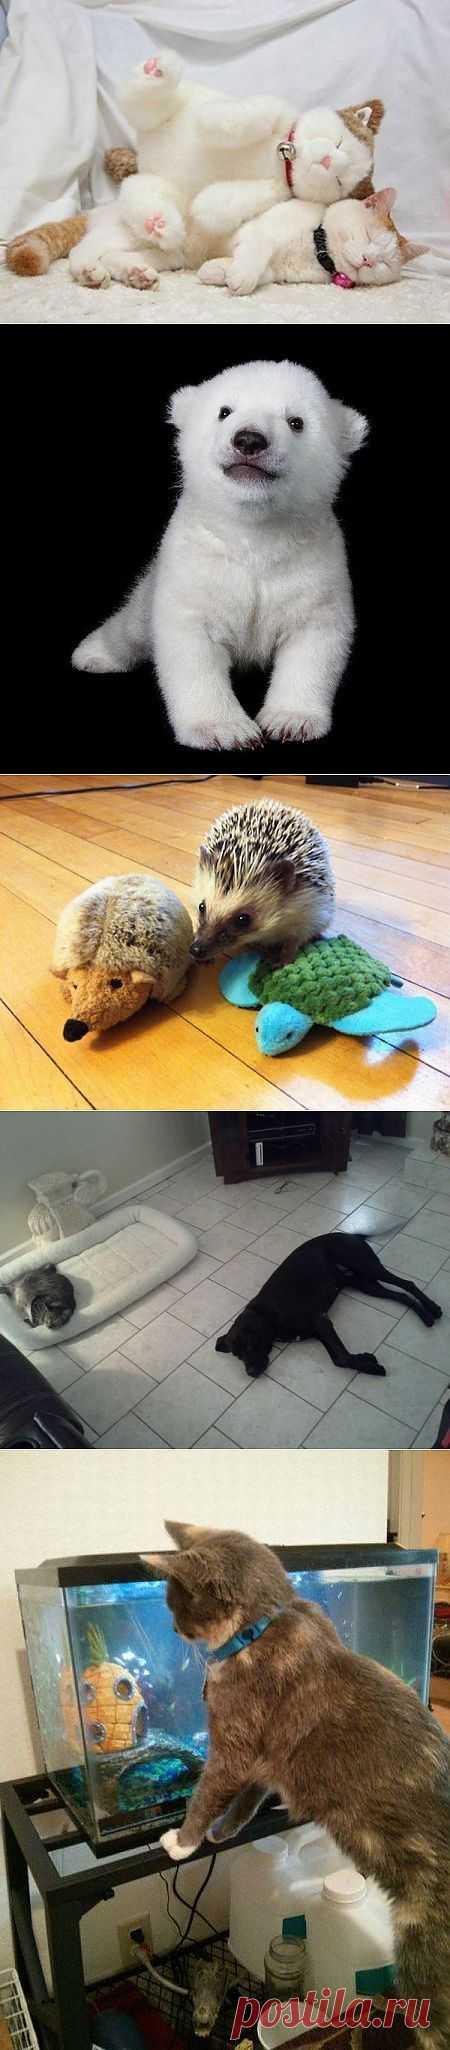 Забавные зверушки   Всё самое лучшее из интернета